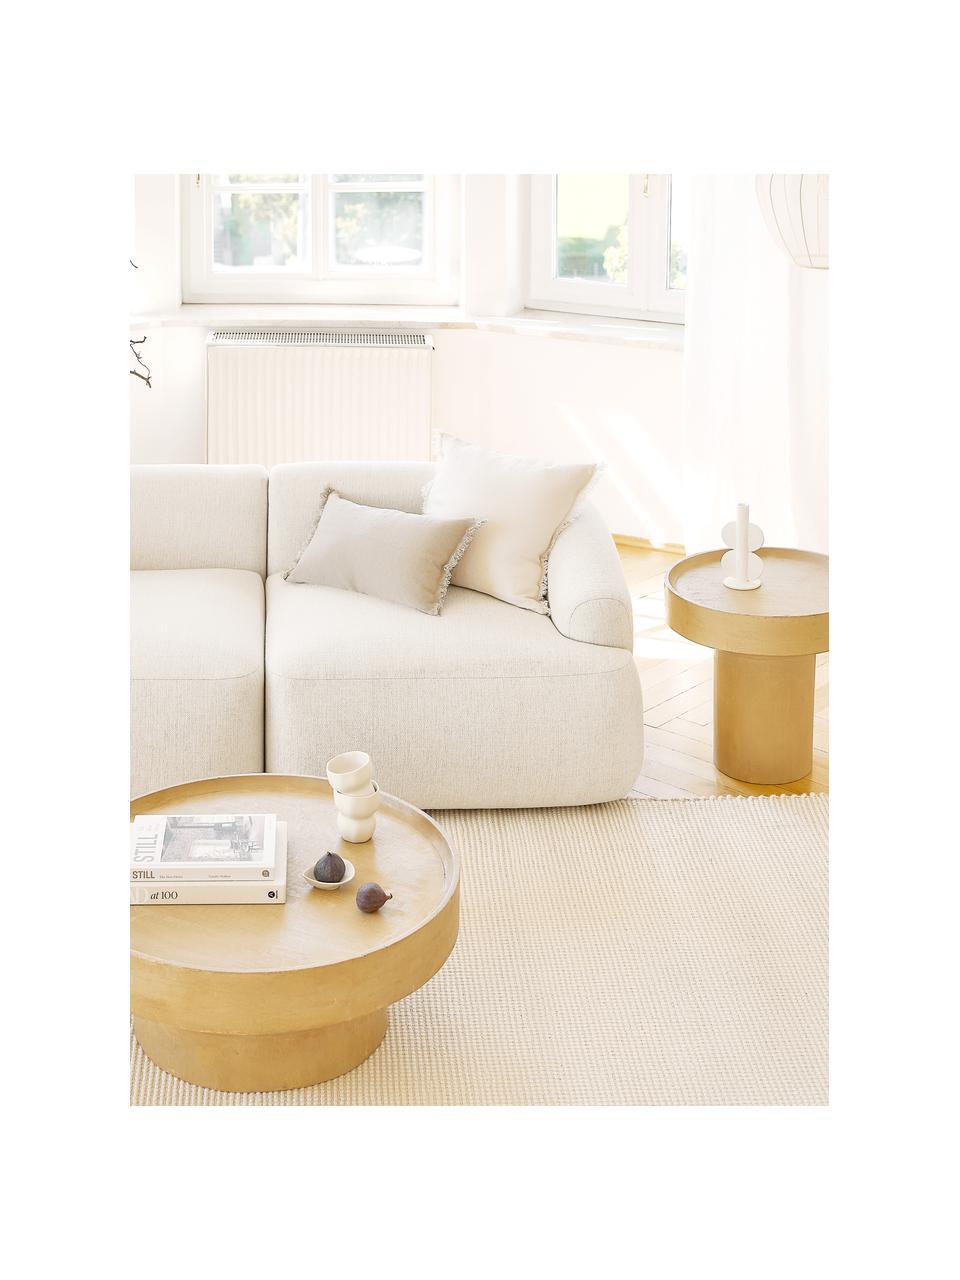 Modulaire hoekbank Sofia, beige, Bekleding: 100% polypropyleen, Frame: massief grenenhout, spaan, Poten: kunststof, Geweven stof beige, B 278 x D 174 cm